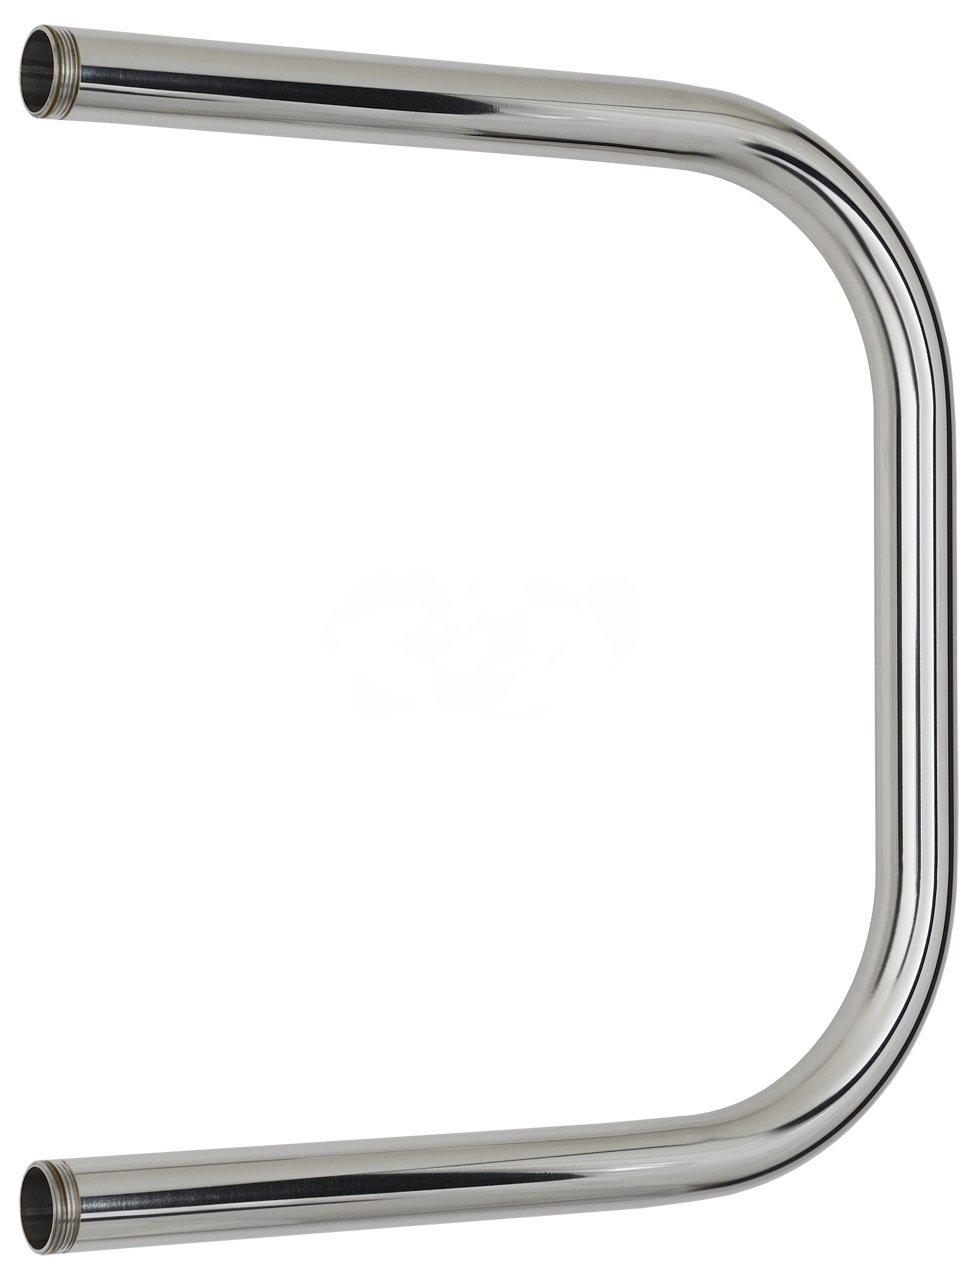 Полотенцесушитель Indigo Pw50-60 ЭКО 1.5